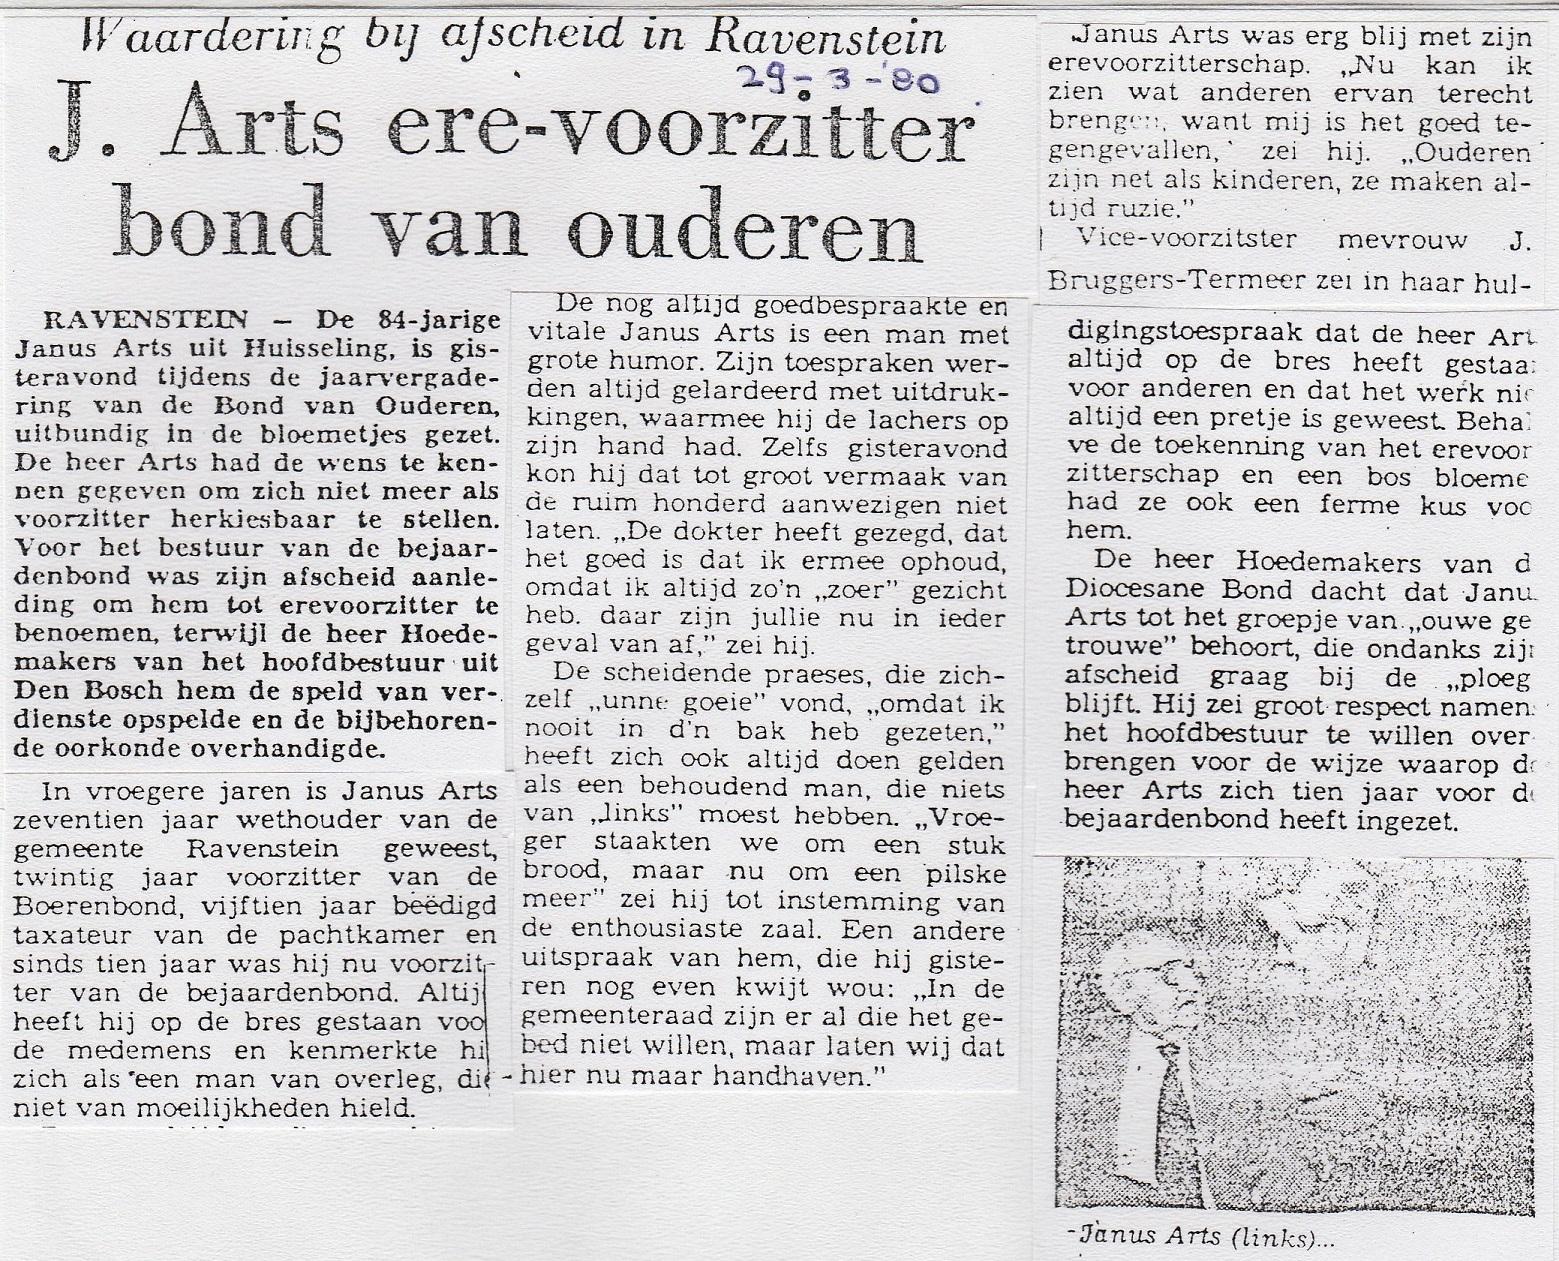 Huisseling.nl; Huisselingers